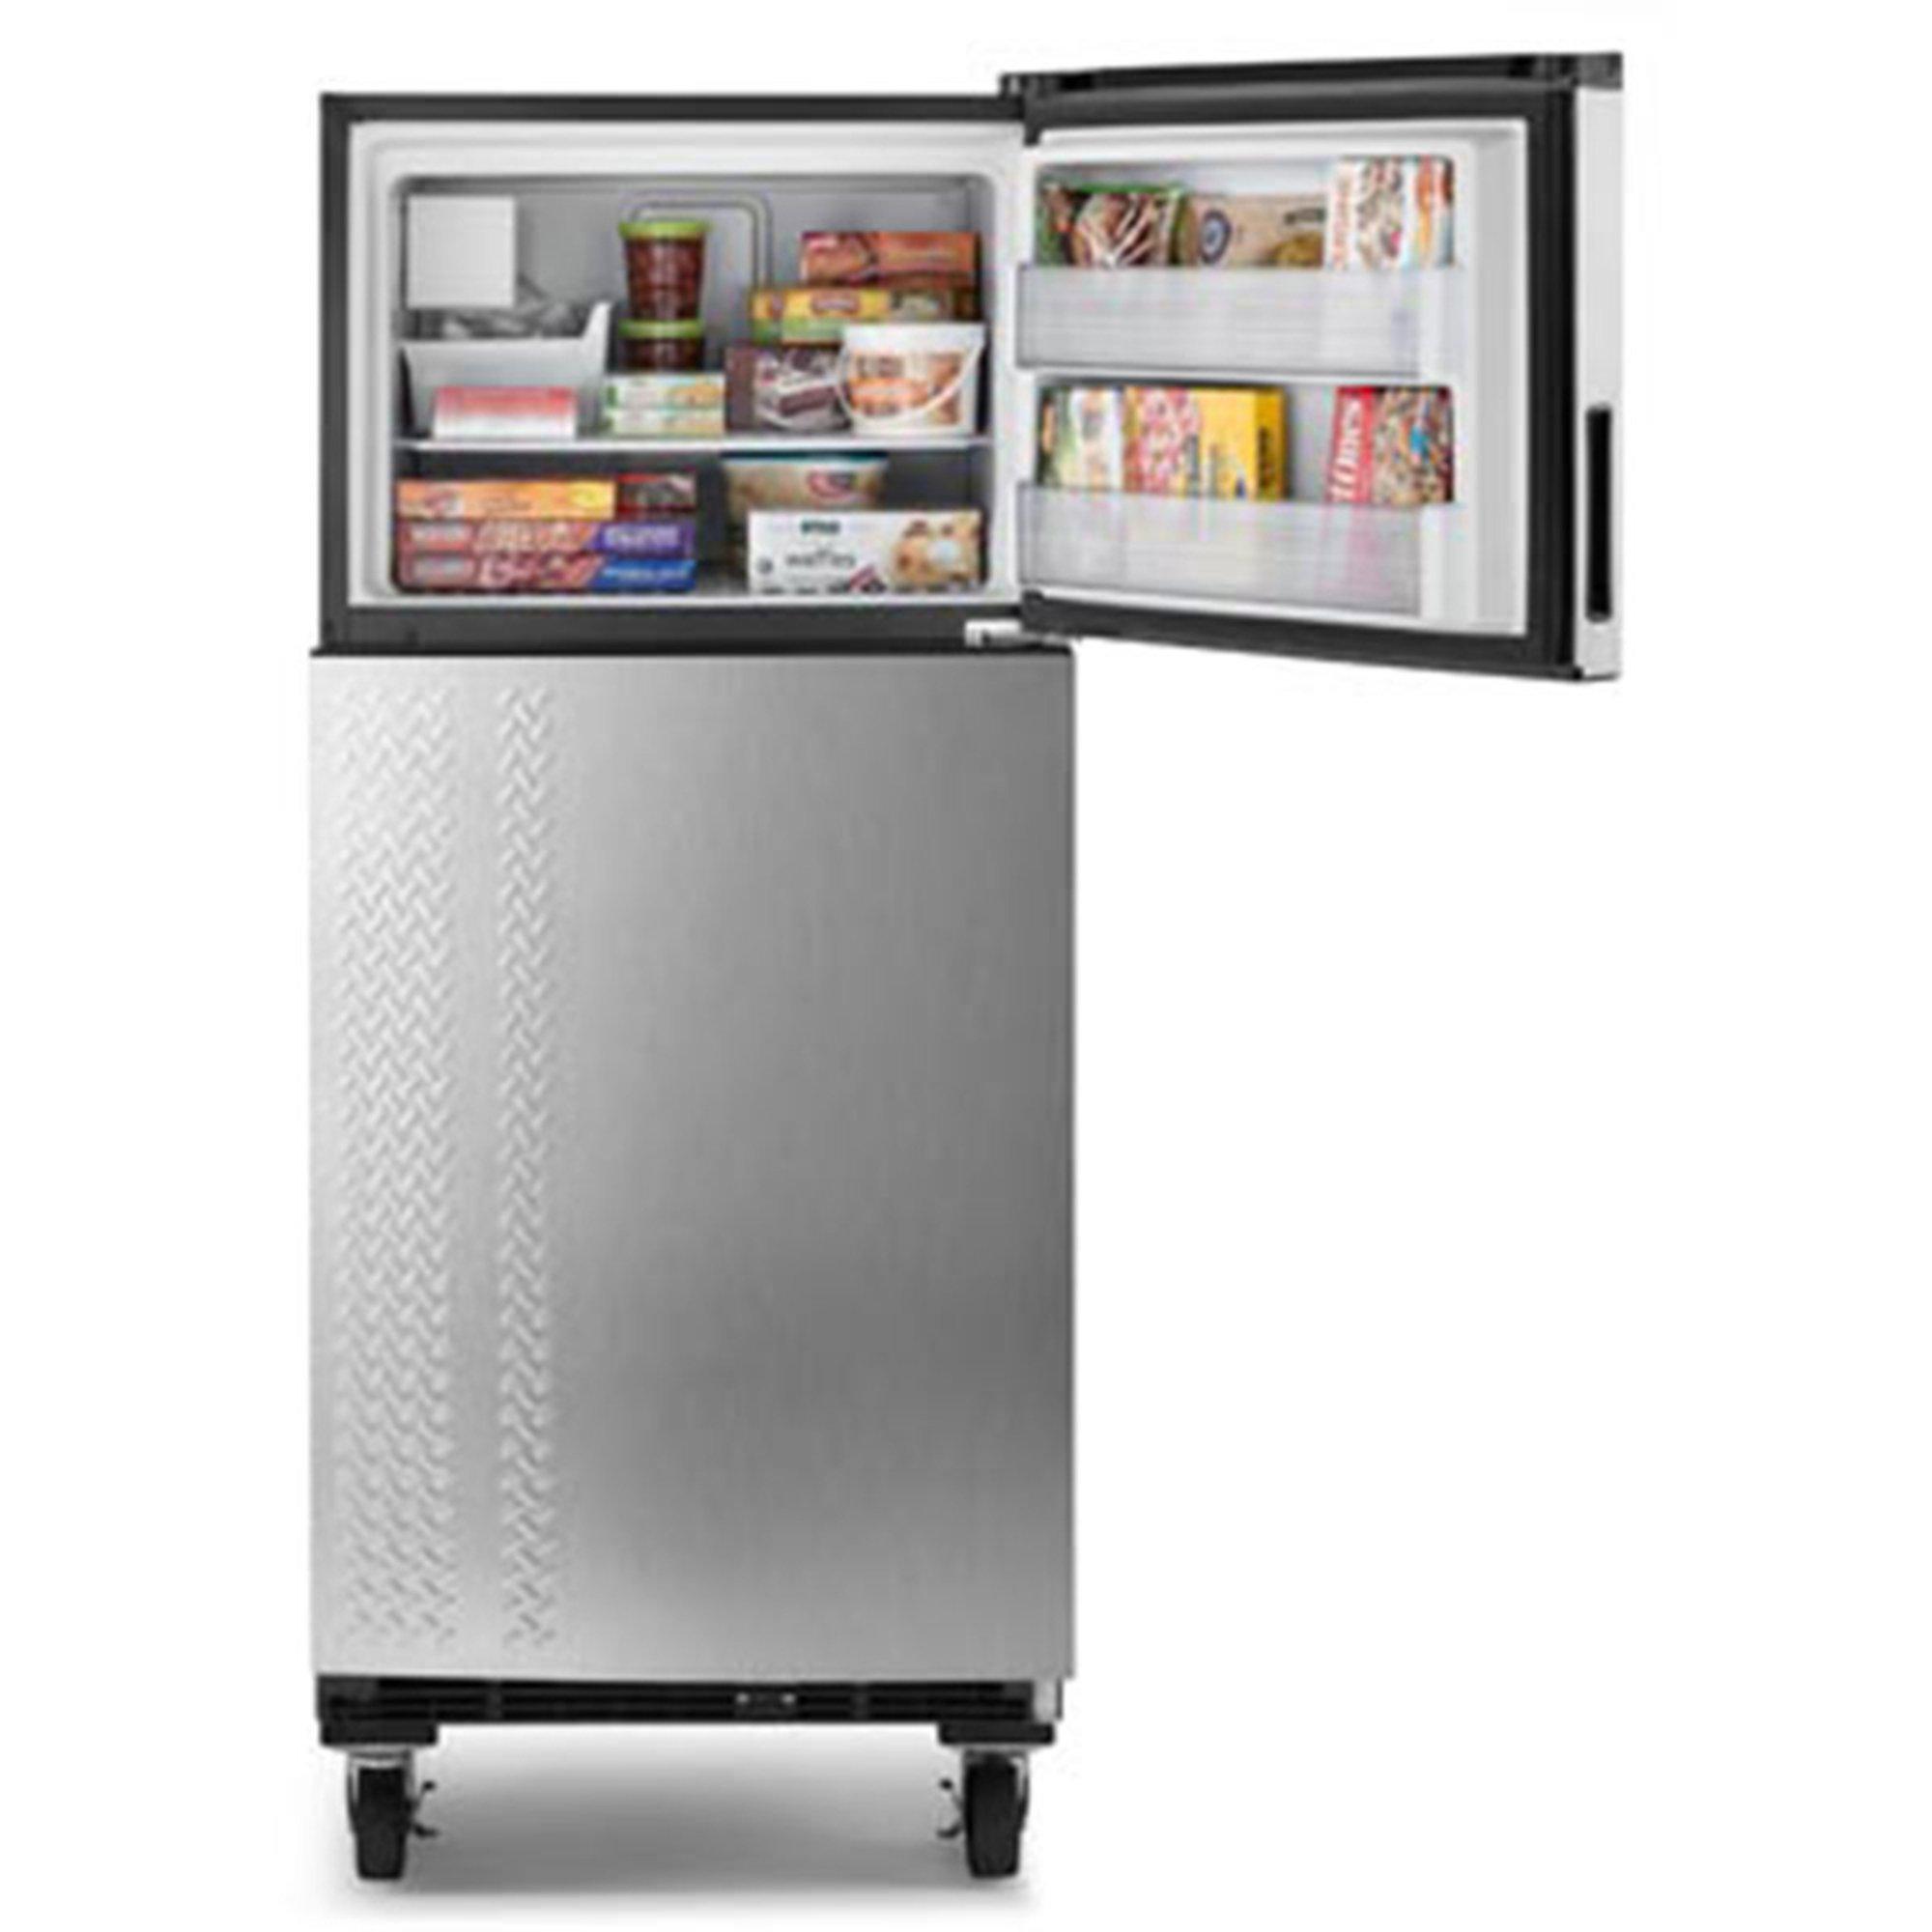 Garage Refrigerator Bing Images